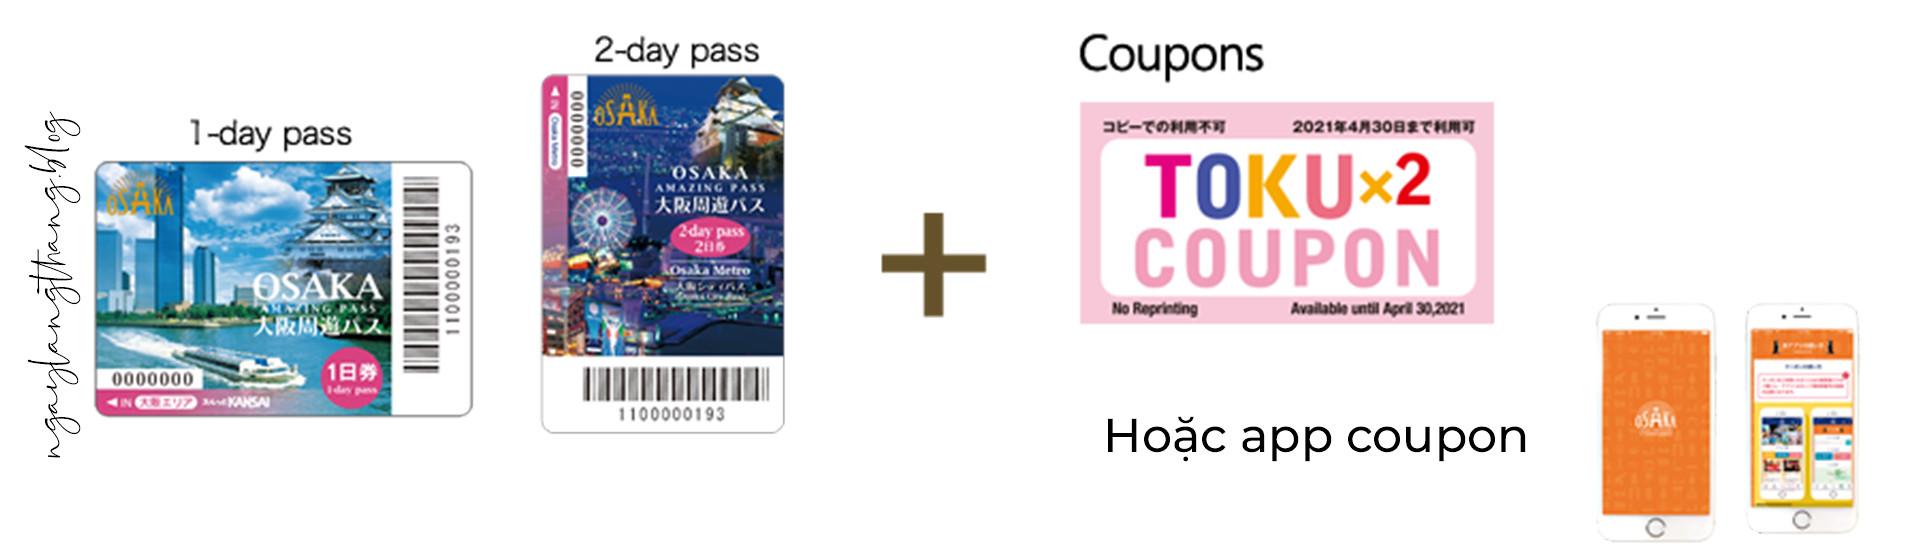 Osaka Amazing Pass-2